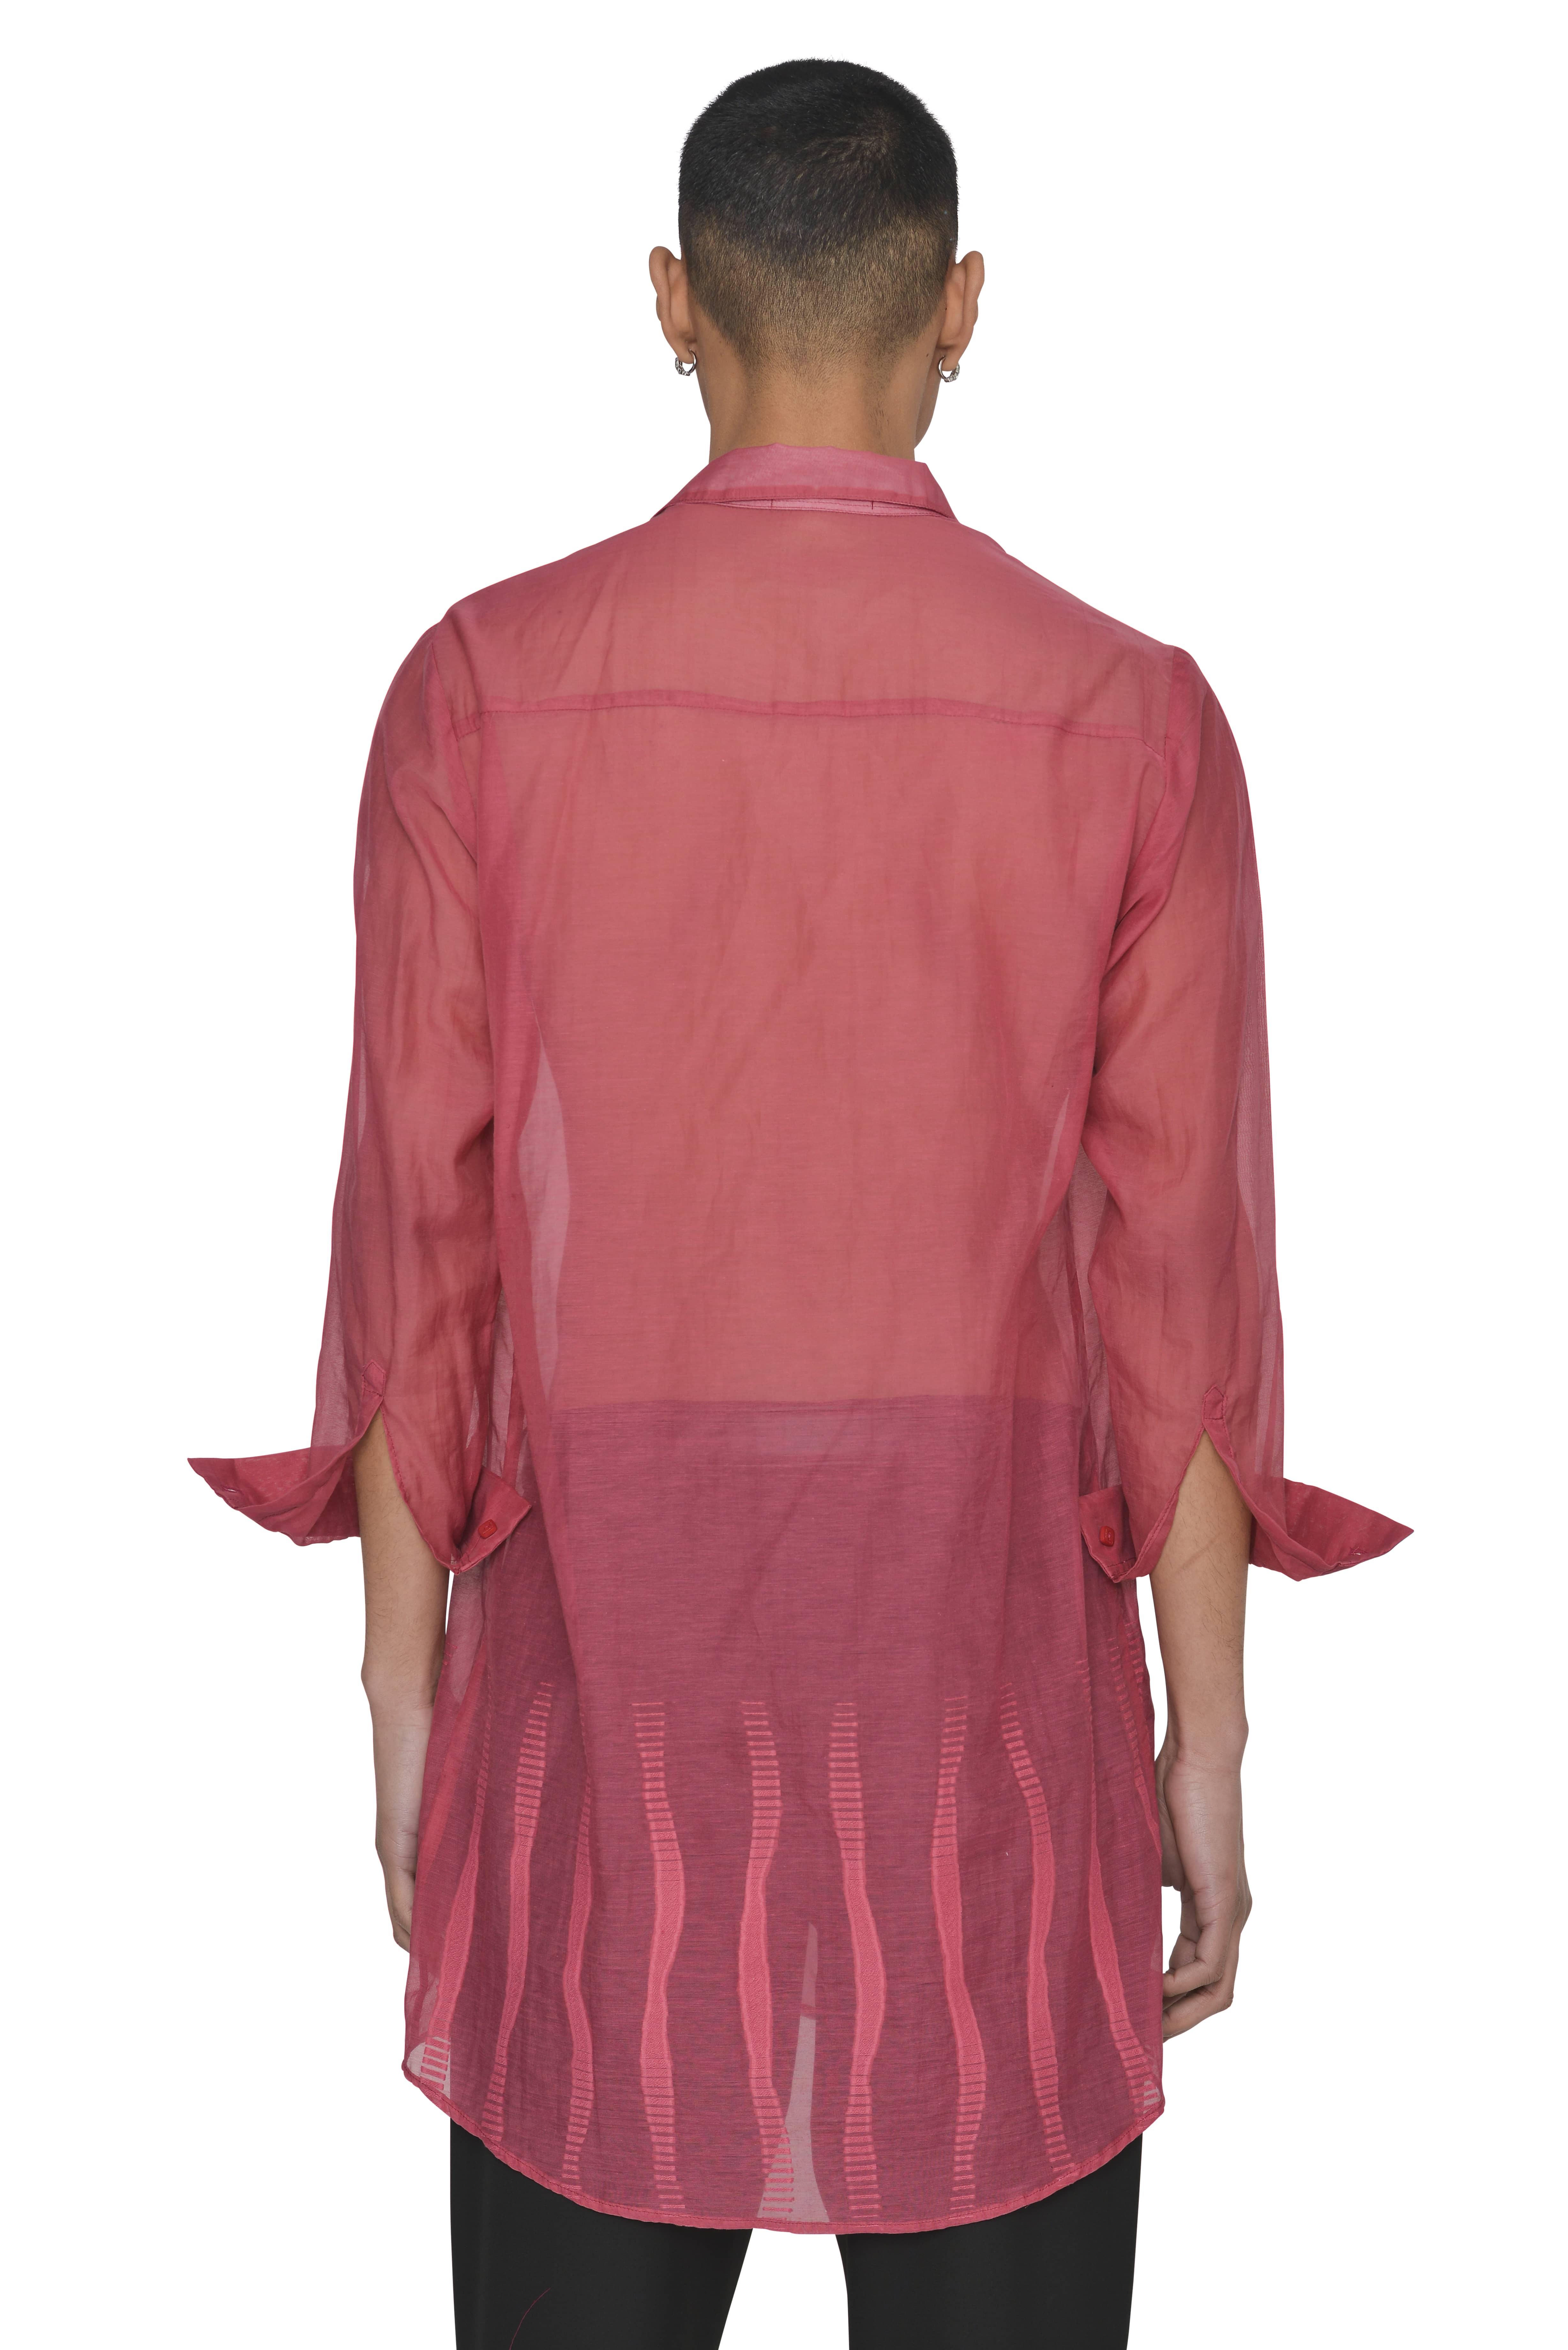 Shirt BORBOLETA 2